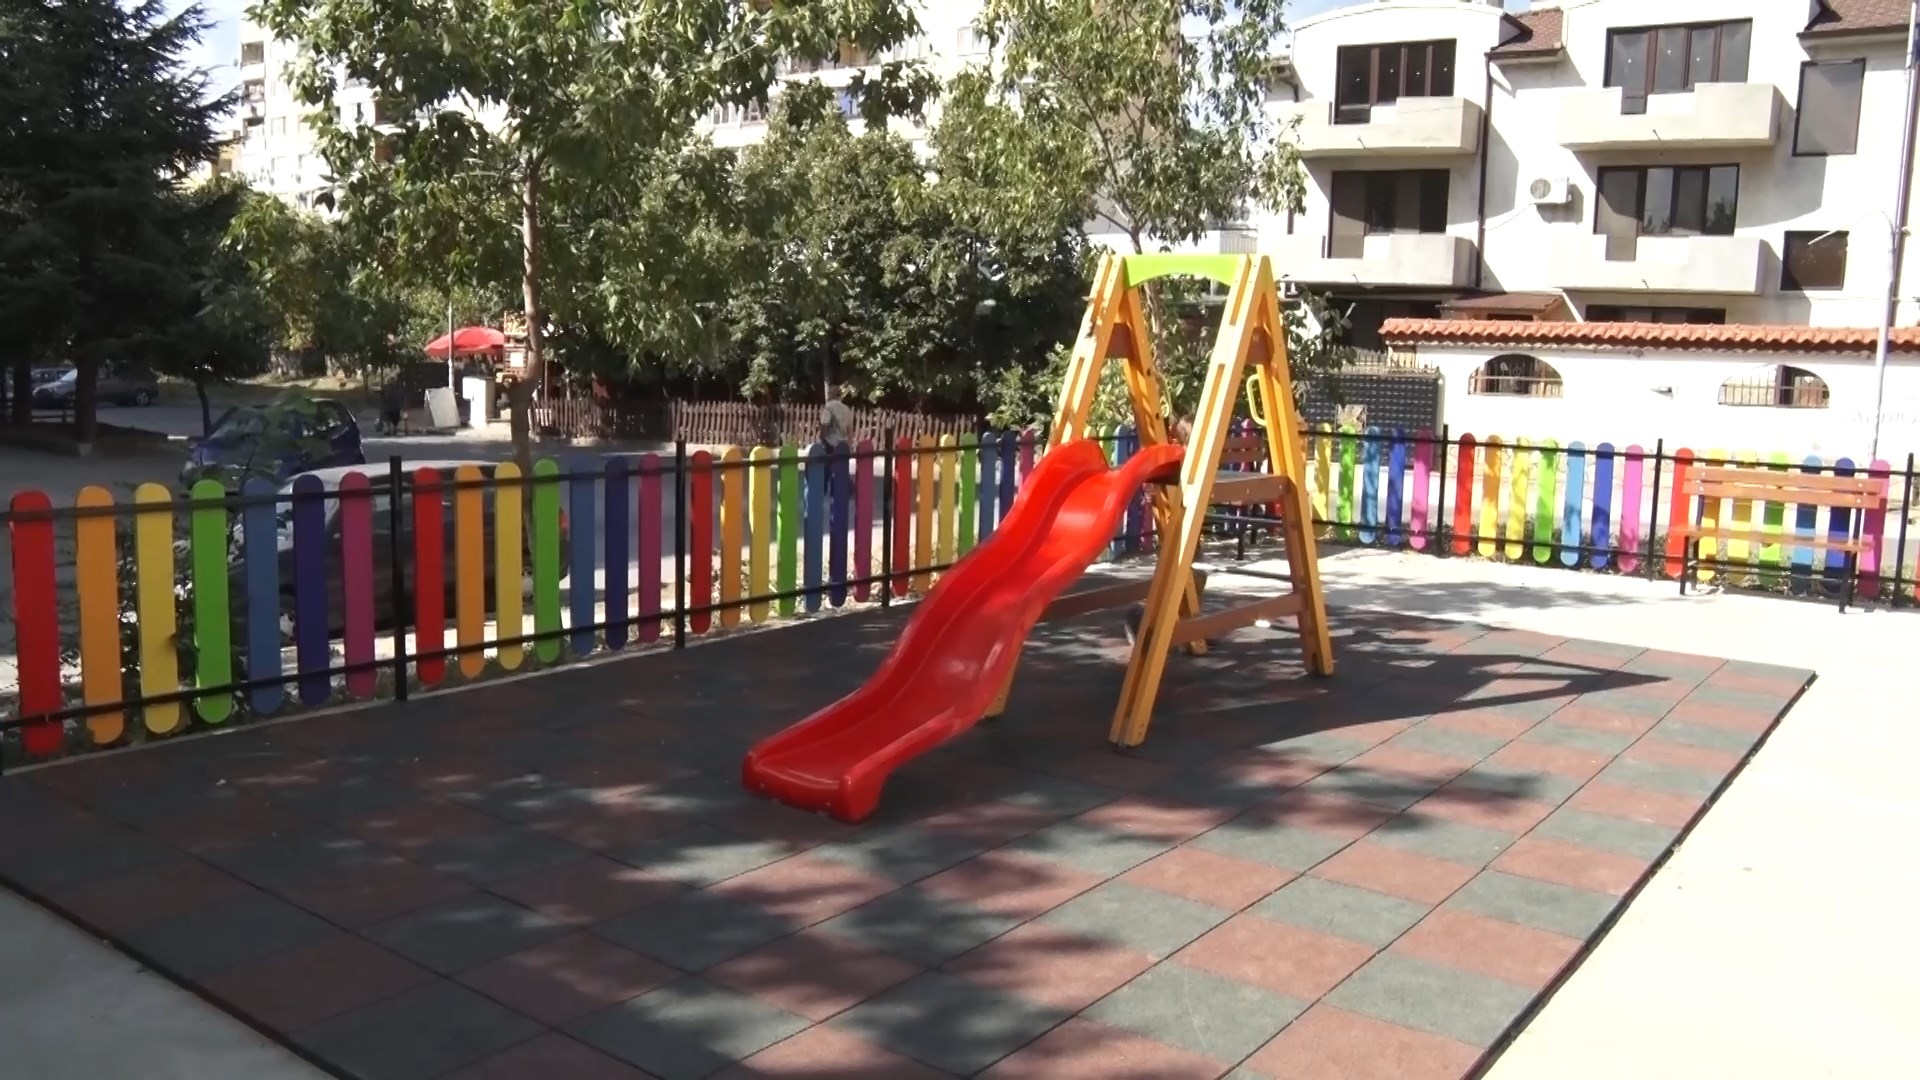 Нова детска площадка в Сливен.Съоръжението е изградено на мястото на незаконни гаражи